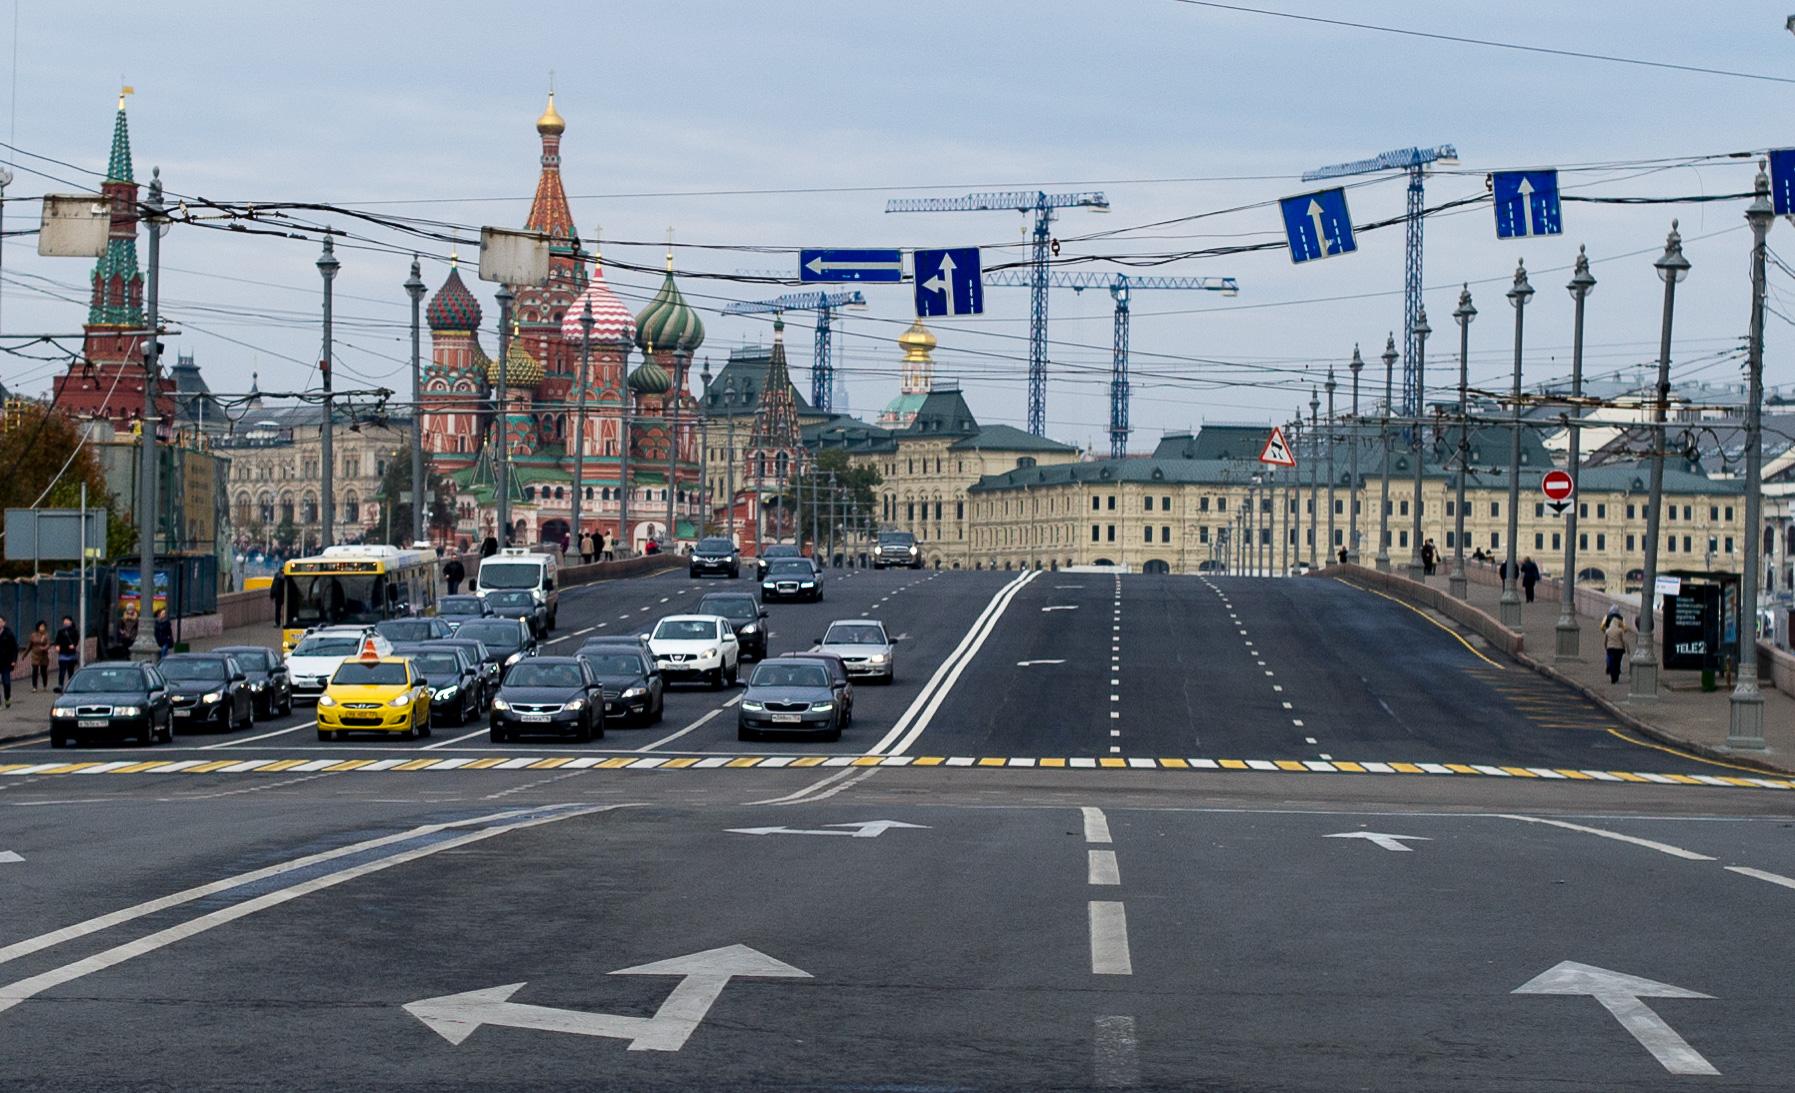 Планета оренбург новости дня смотреть онлайн